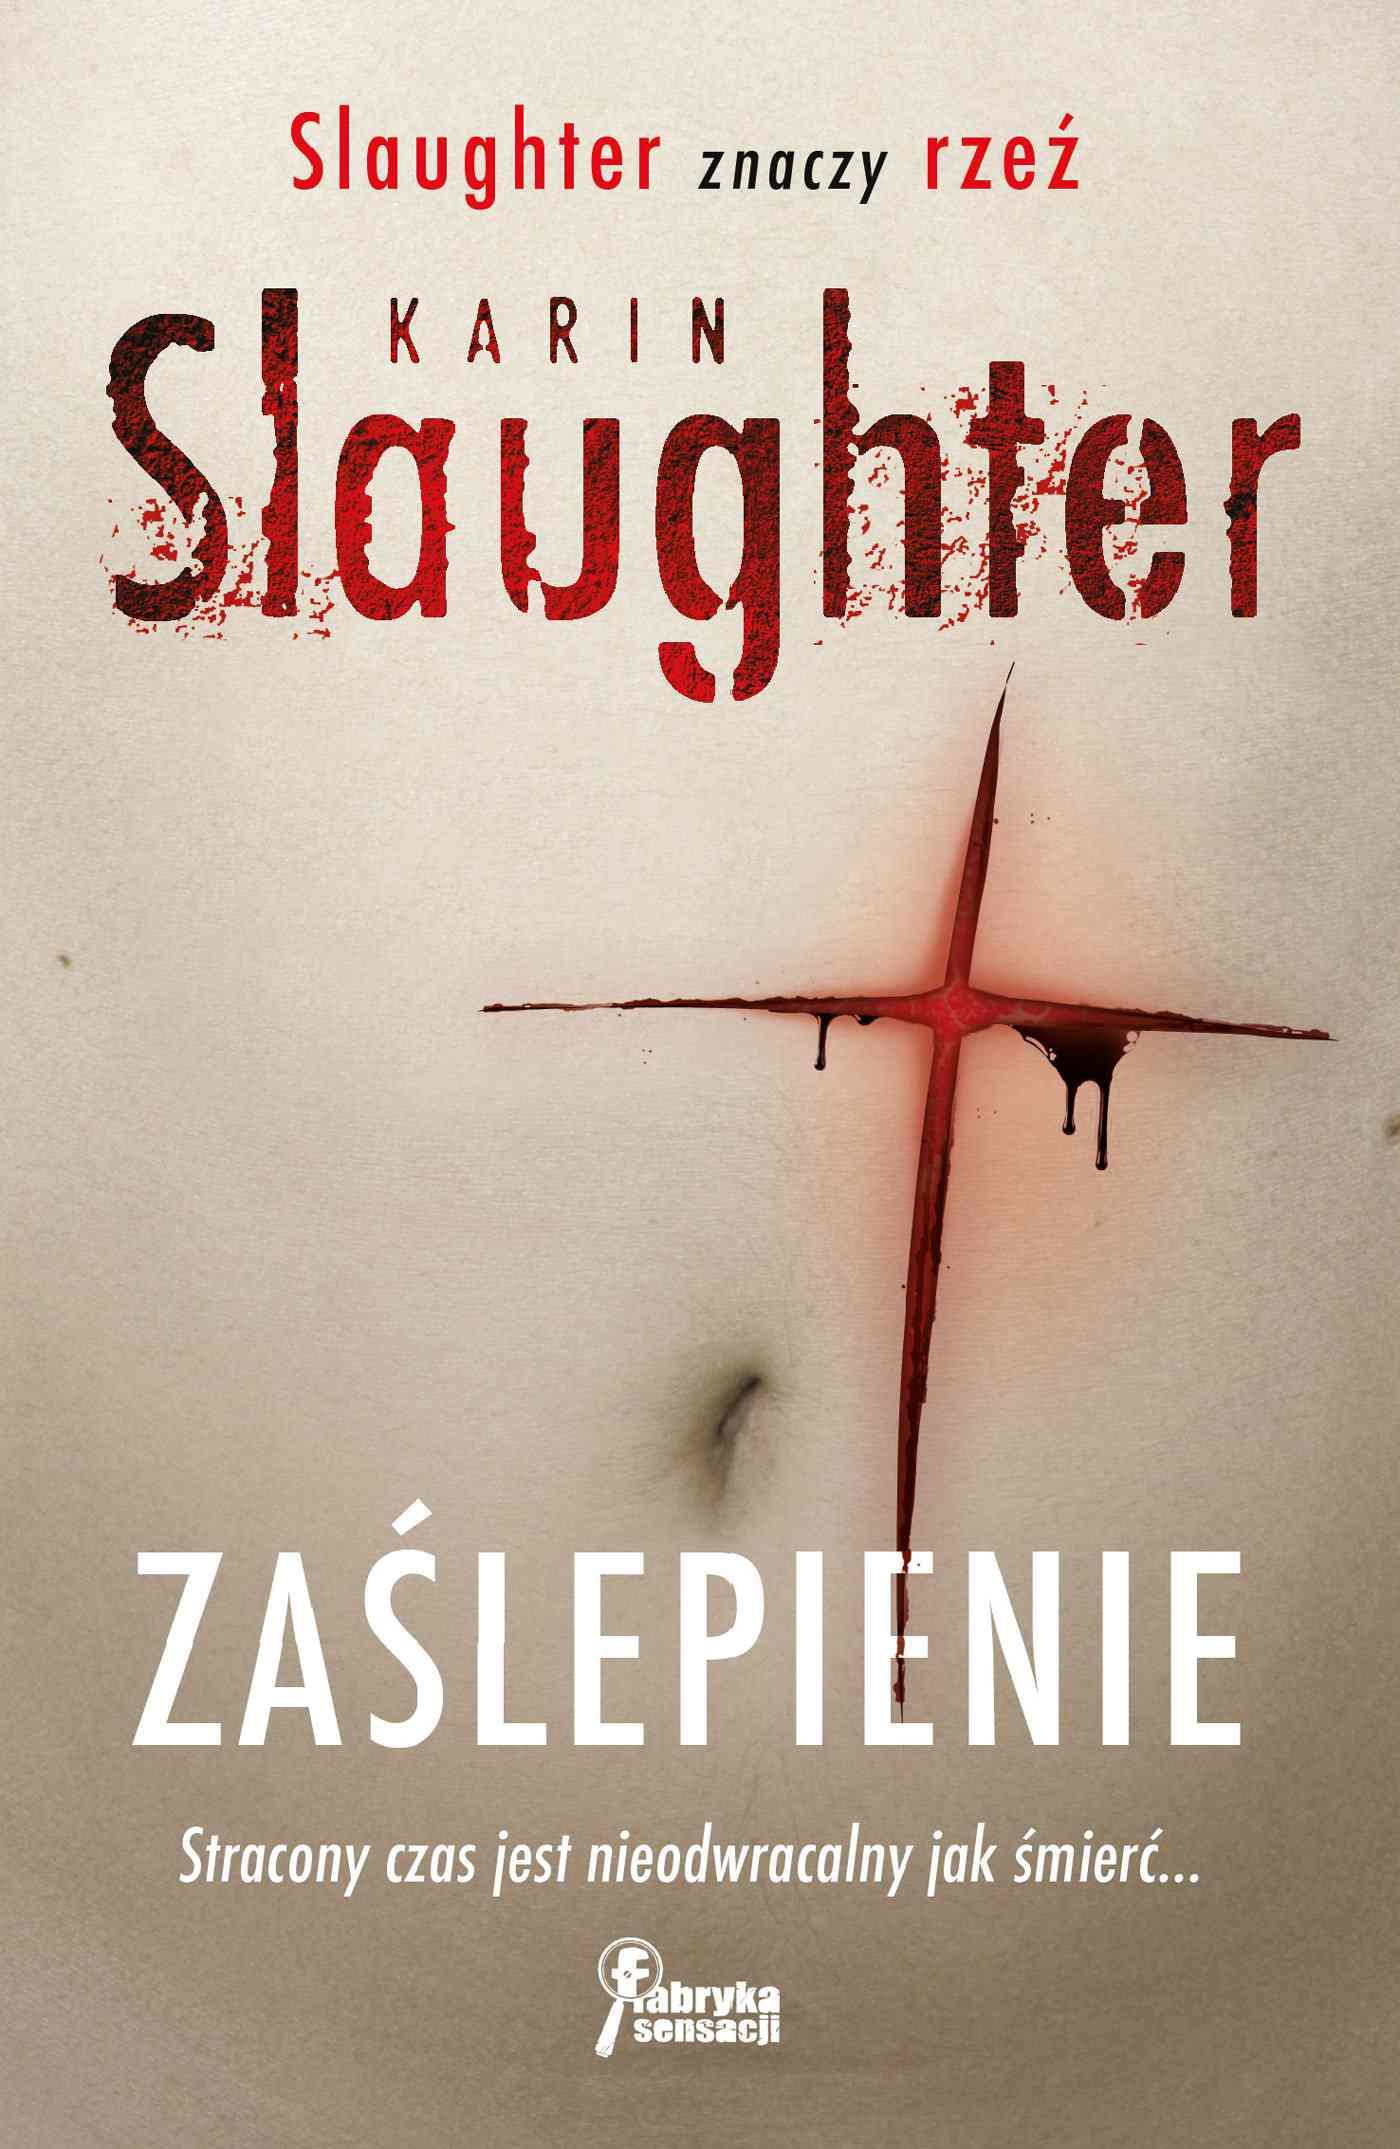 Zaślepienie - Tylko w Legimi możesz przeczytać ten tytuł przez 7 dni za darmo. - Karin Slaughter